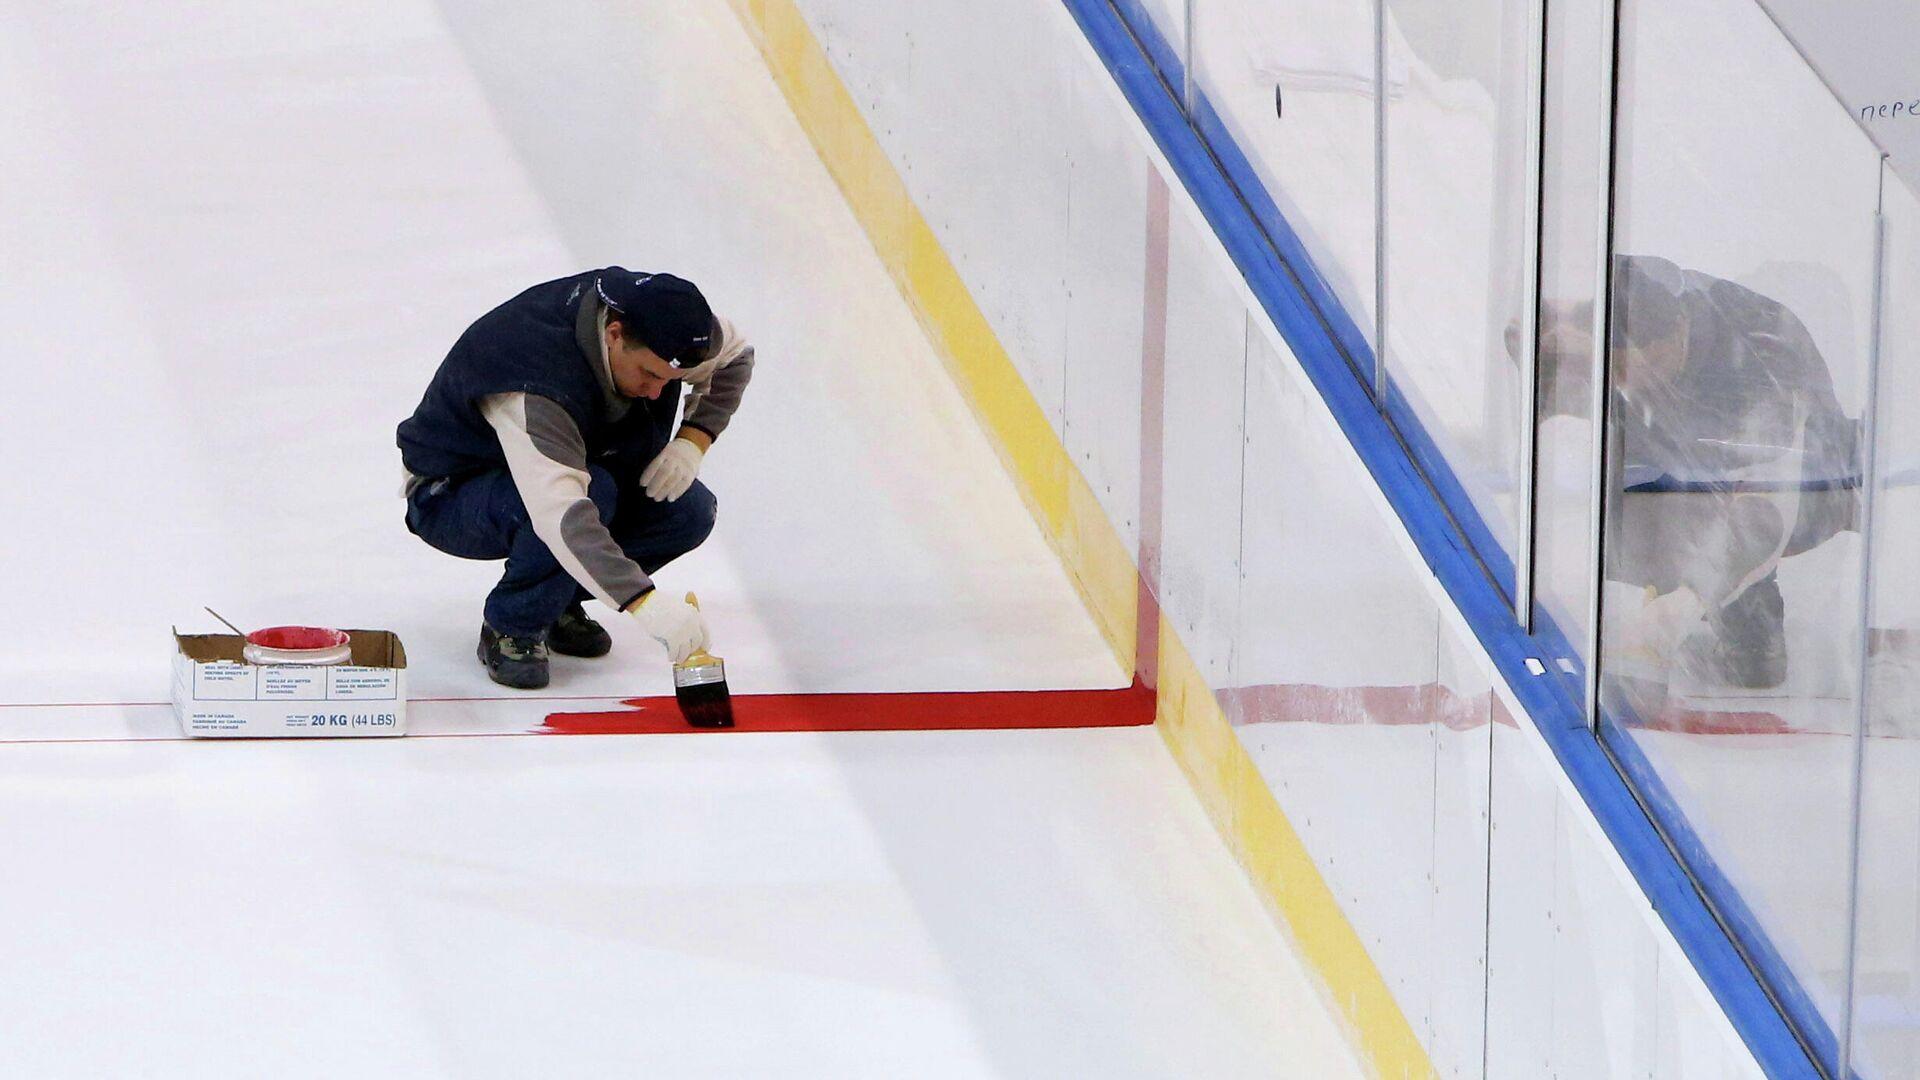 Подготовка к проведению Чемпионата мира по хоккею в Минске - РИА Новости, 1920, 19.01.2021